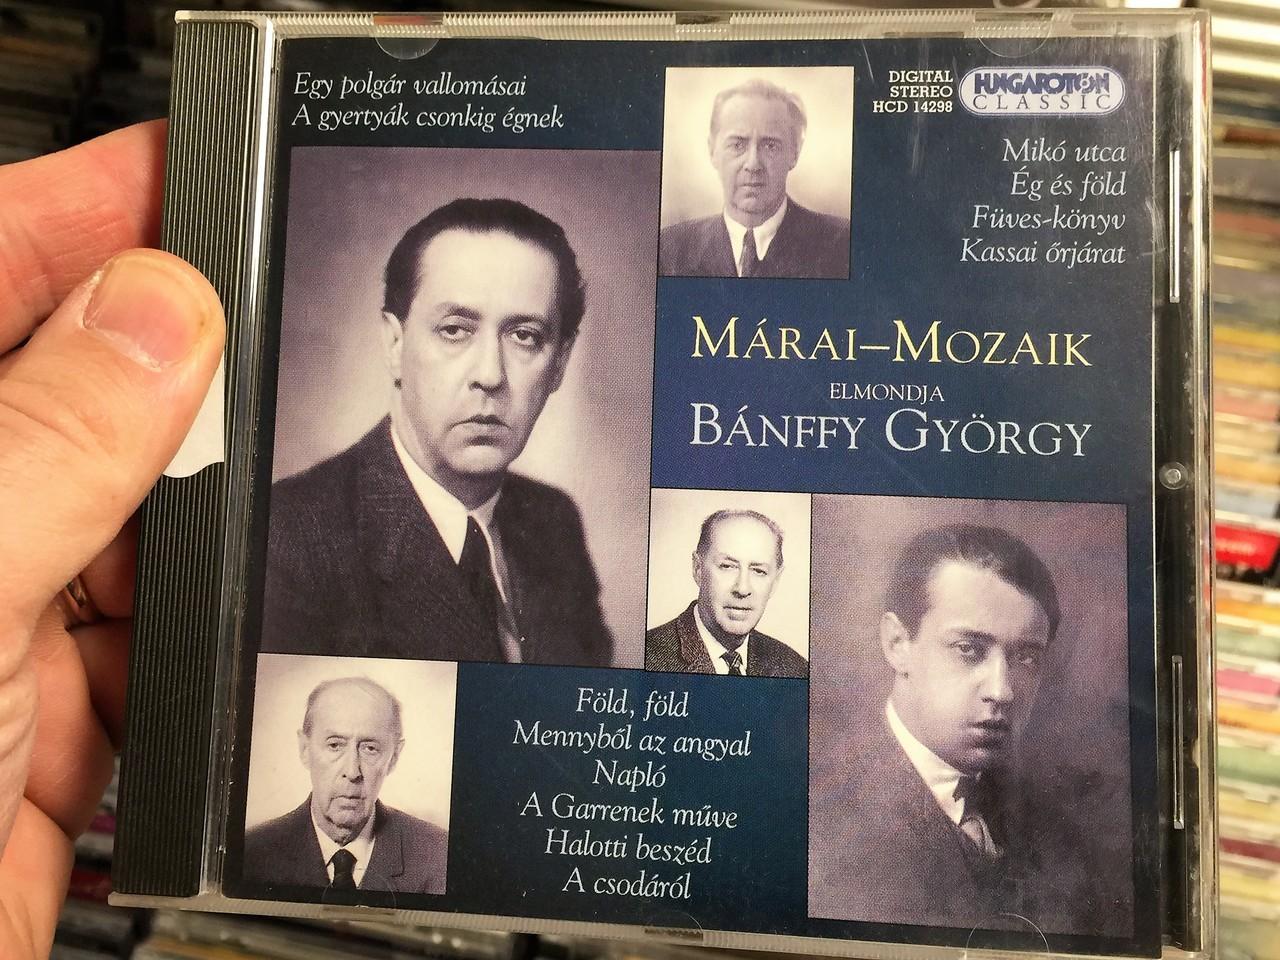 mrai-mozaik-bnffy-gyrgy-hungarian-cd-2002-marai-mosaic-selection-of-sndor-mrais-literary-works-read-by-gyrgy-bnffy-audio-book-hungaroton-hcd-14298-1-57592.1551124370.1280.1280.jpg